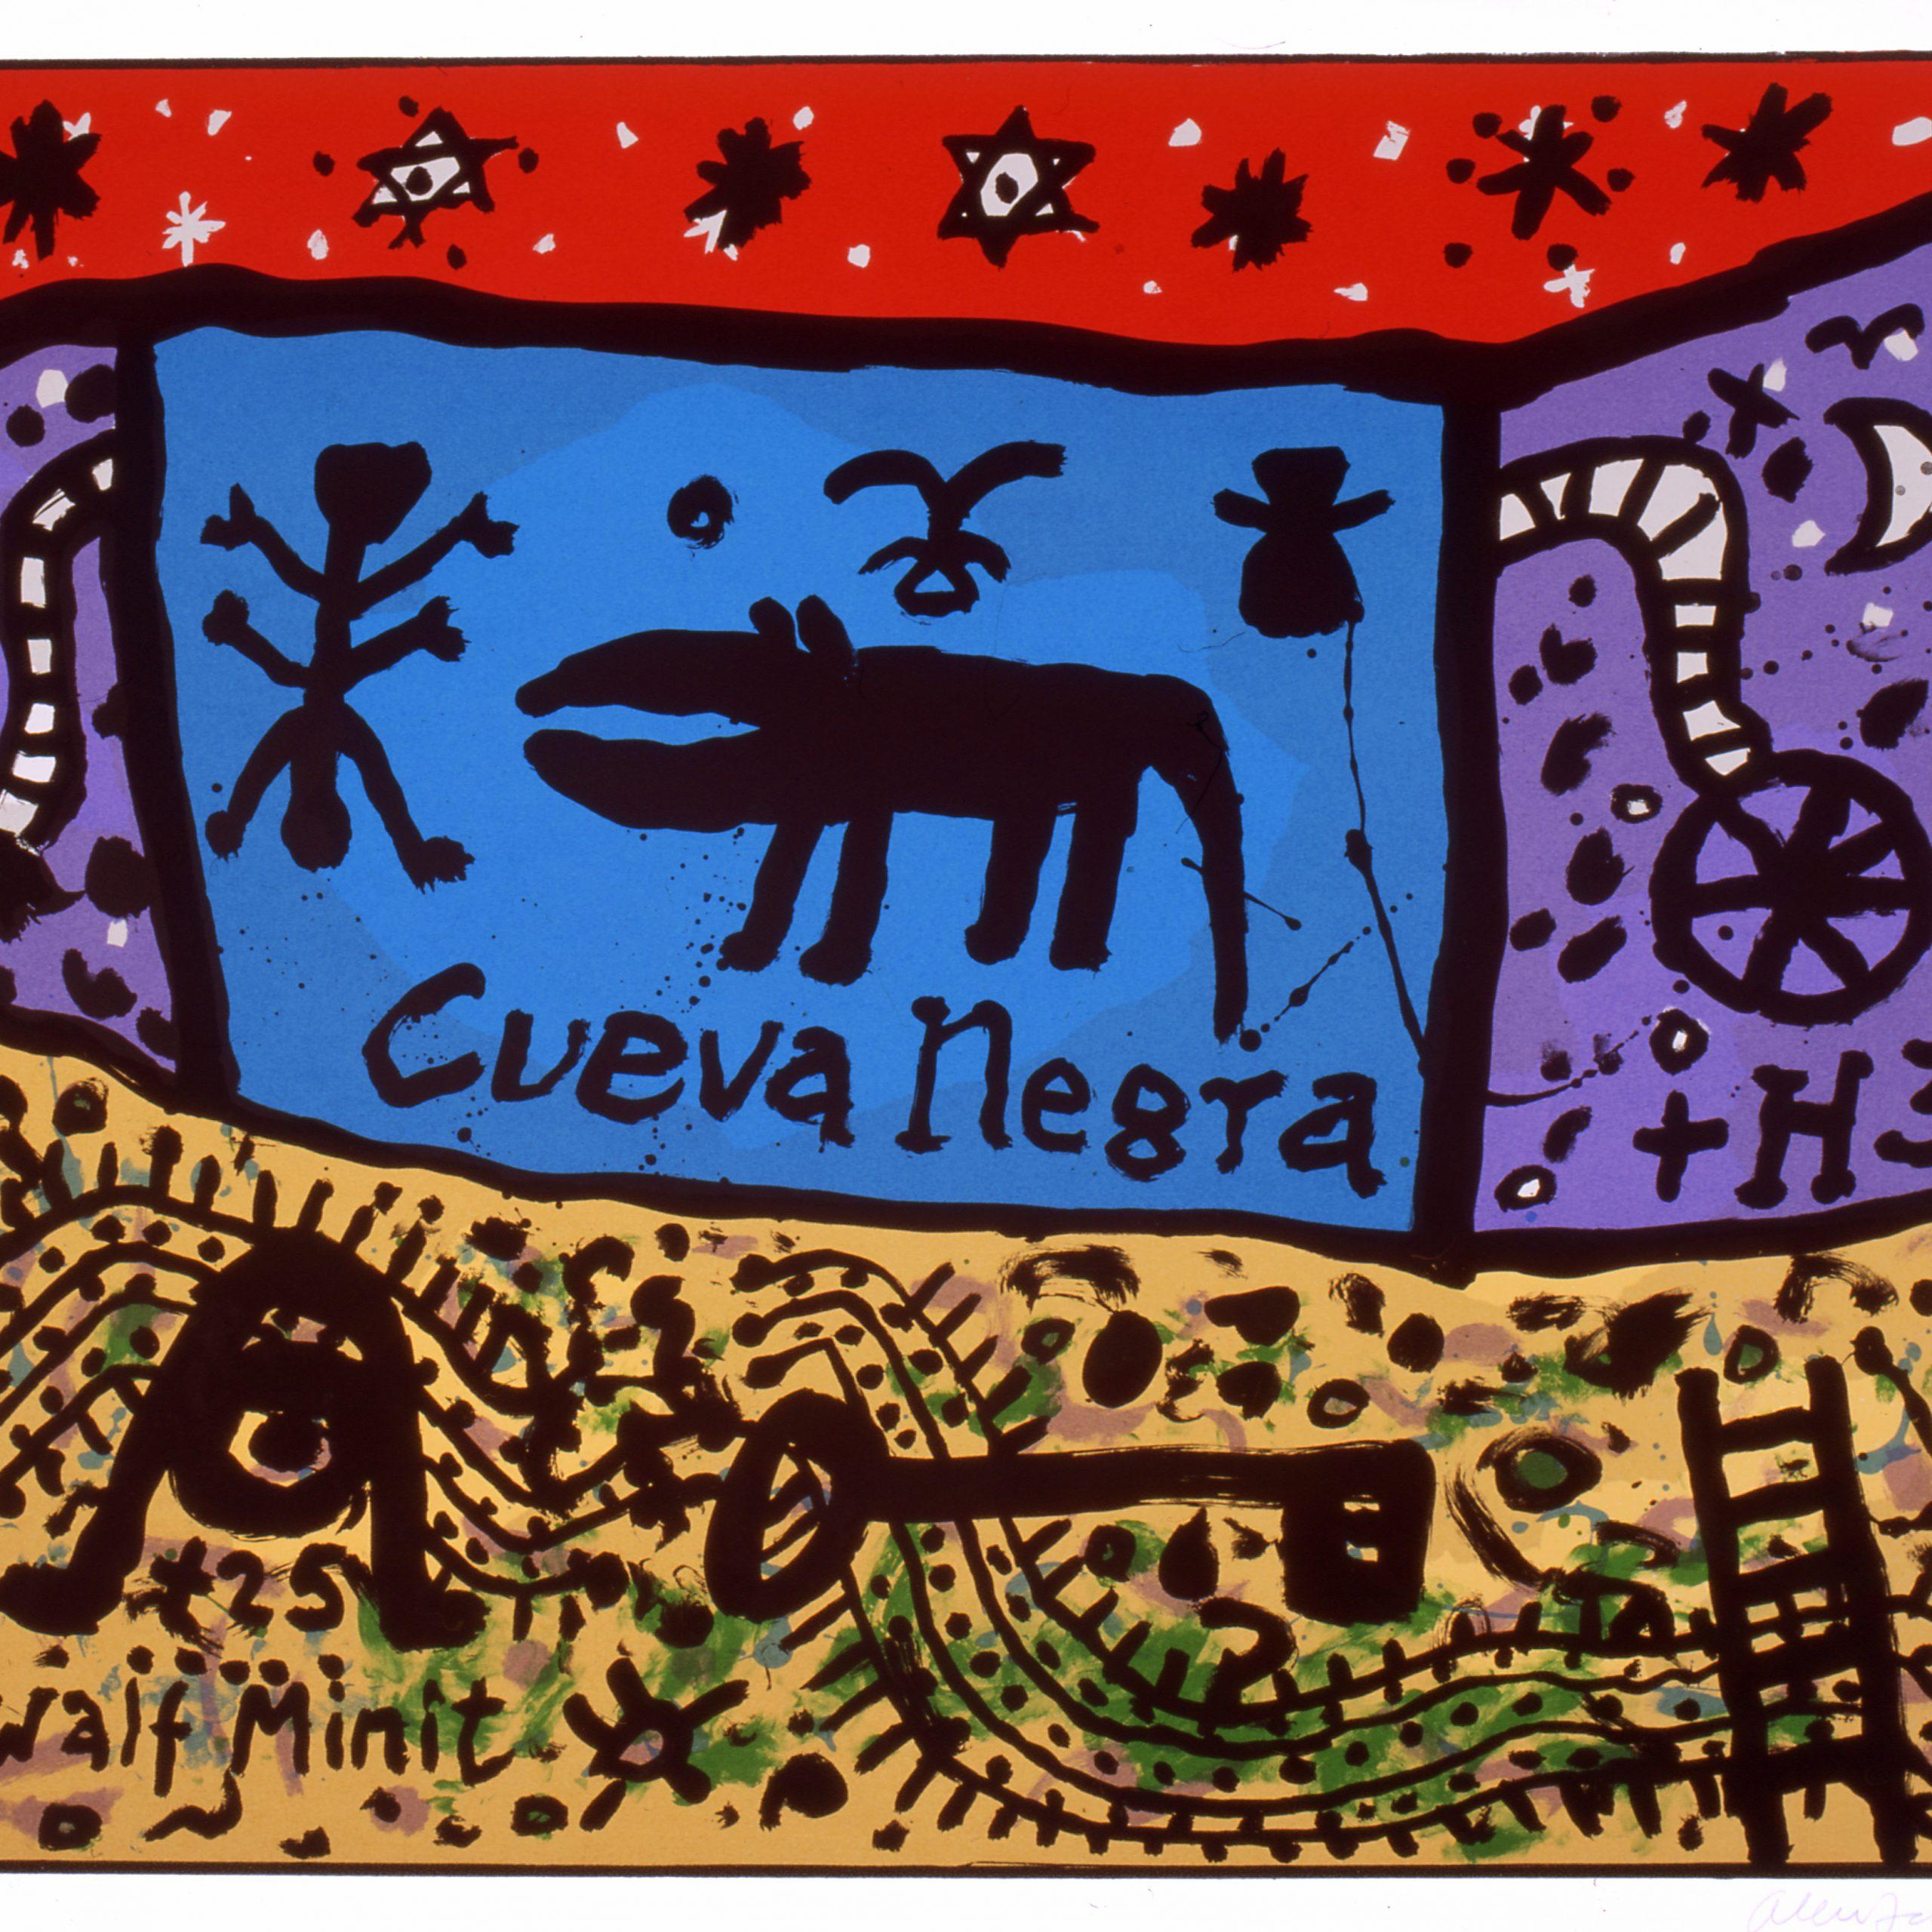 Cueva Negra, Alan Davie